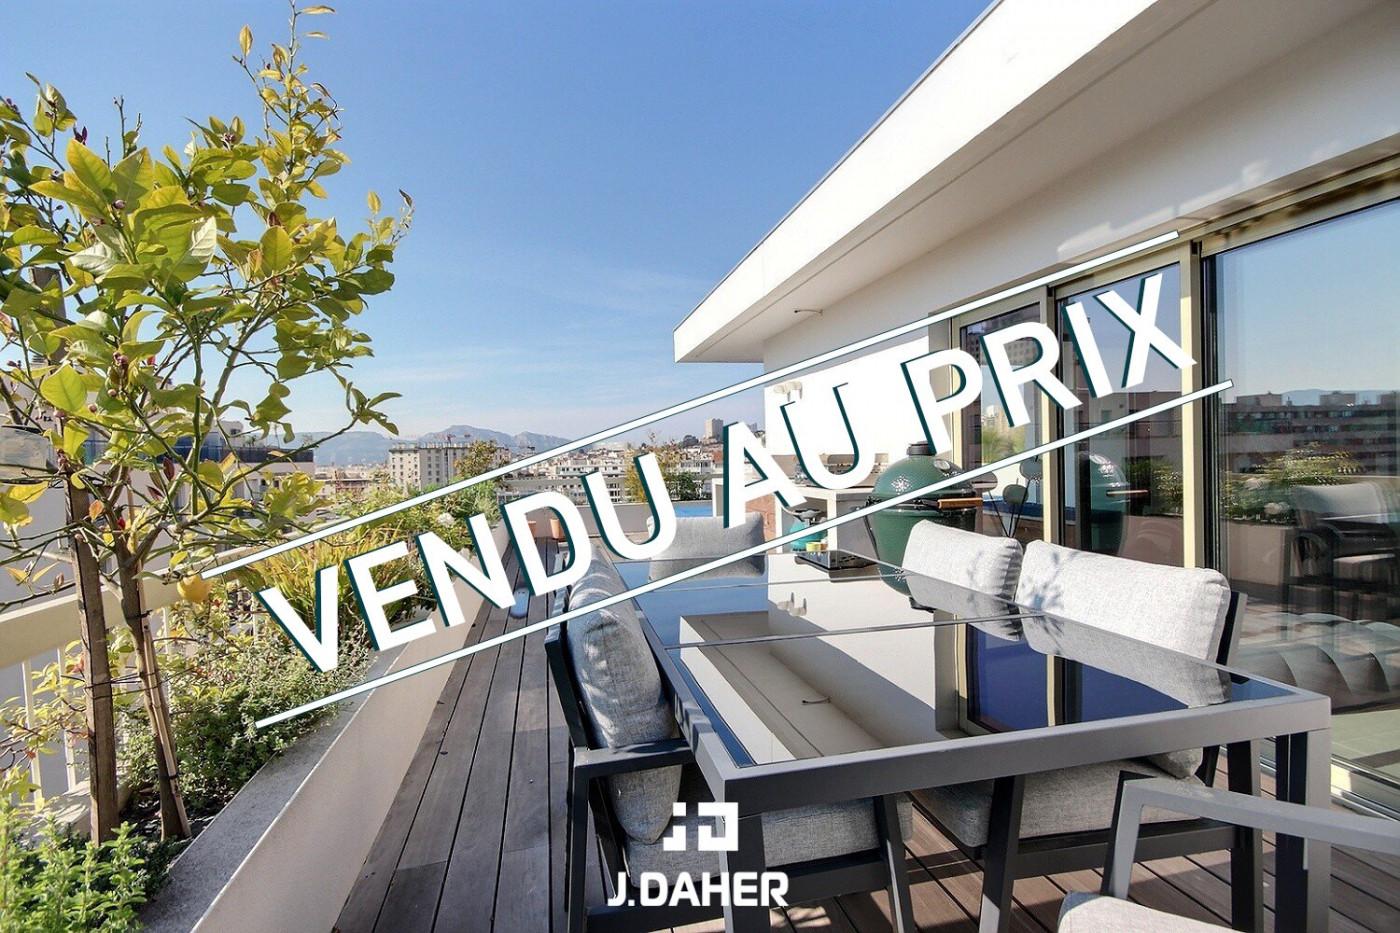 A vendre  Marseille 6eme Arrondissement   Réf 130251064 - J daher immobilier